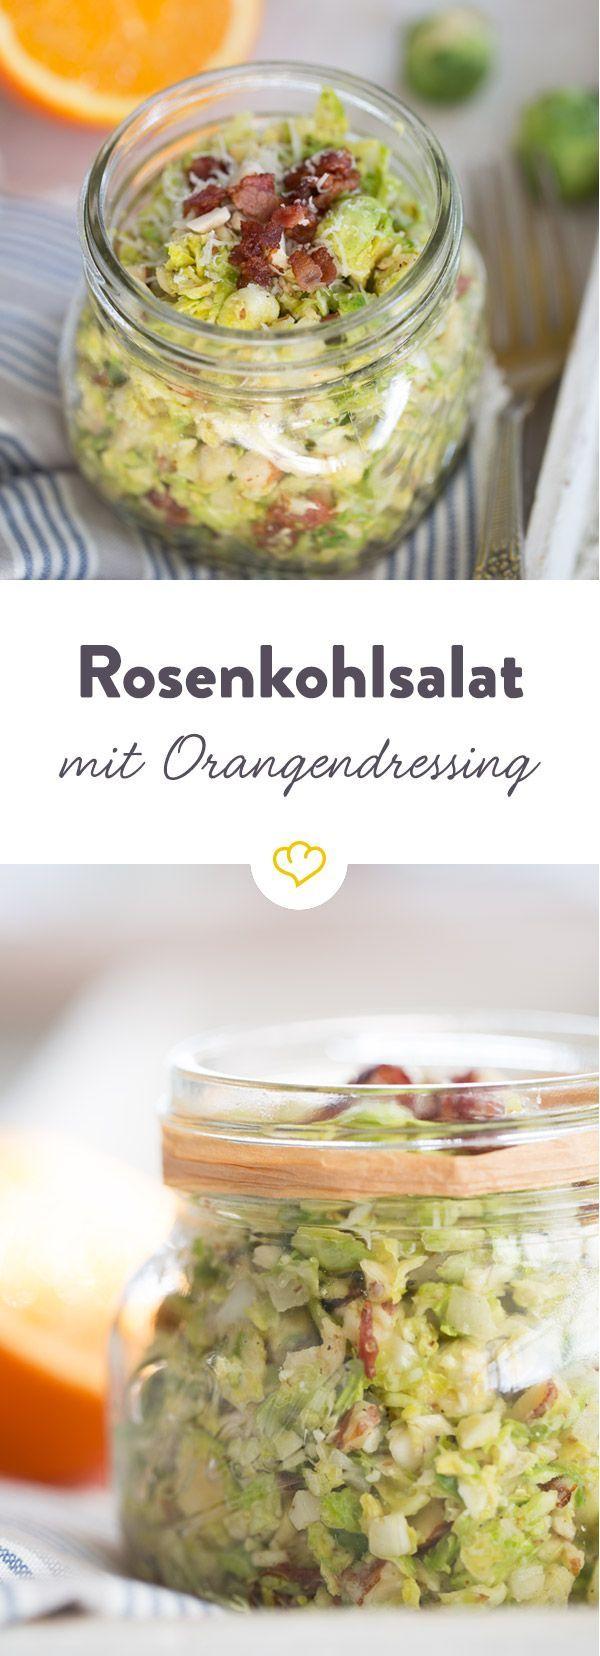 Fruchtig und würzig kommt dieser luftig-lockere Salat daher: Knusprige Mandeln und würziger Bacon tummeln sich auf einem Bett aus feinen Rosenkohlstreifen.